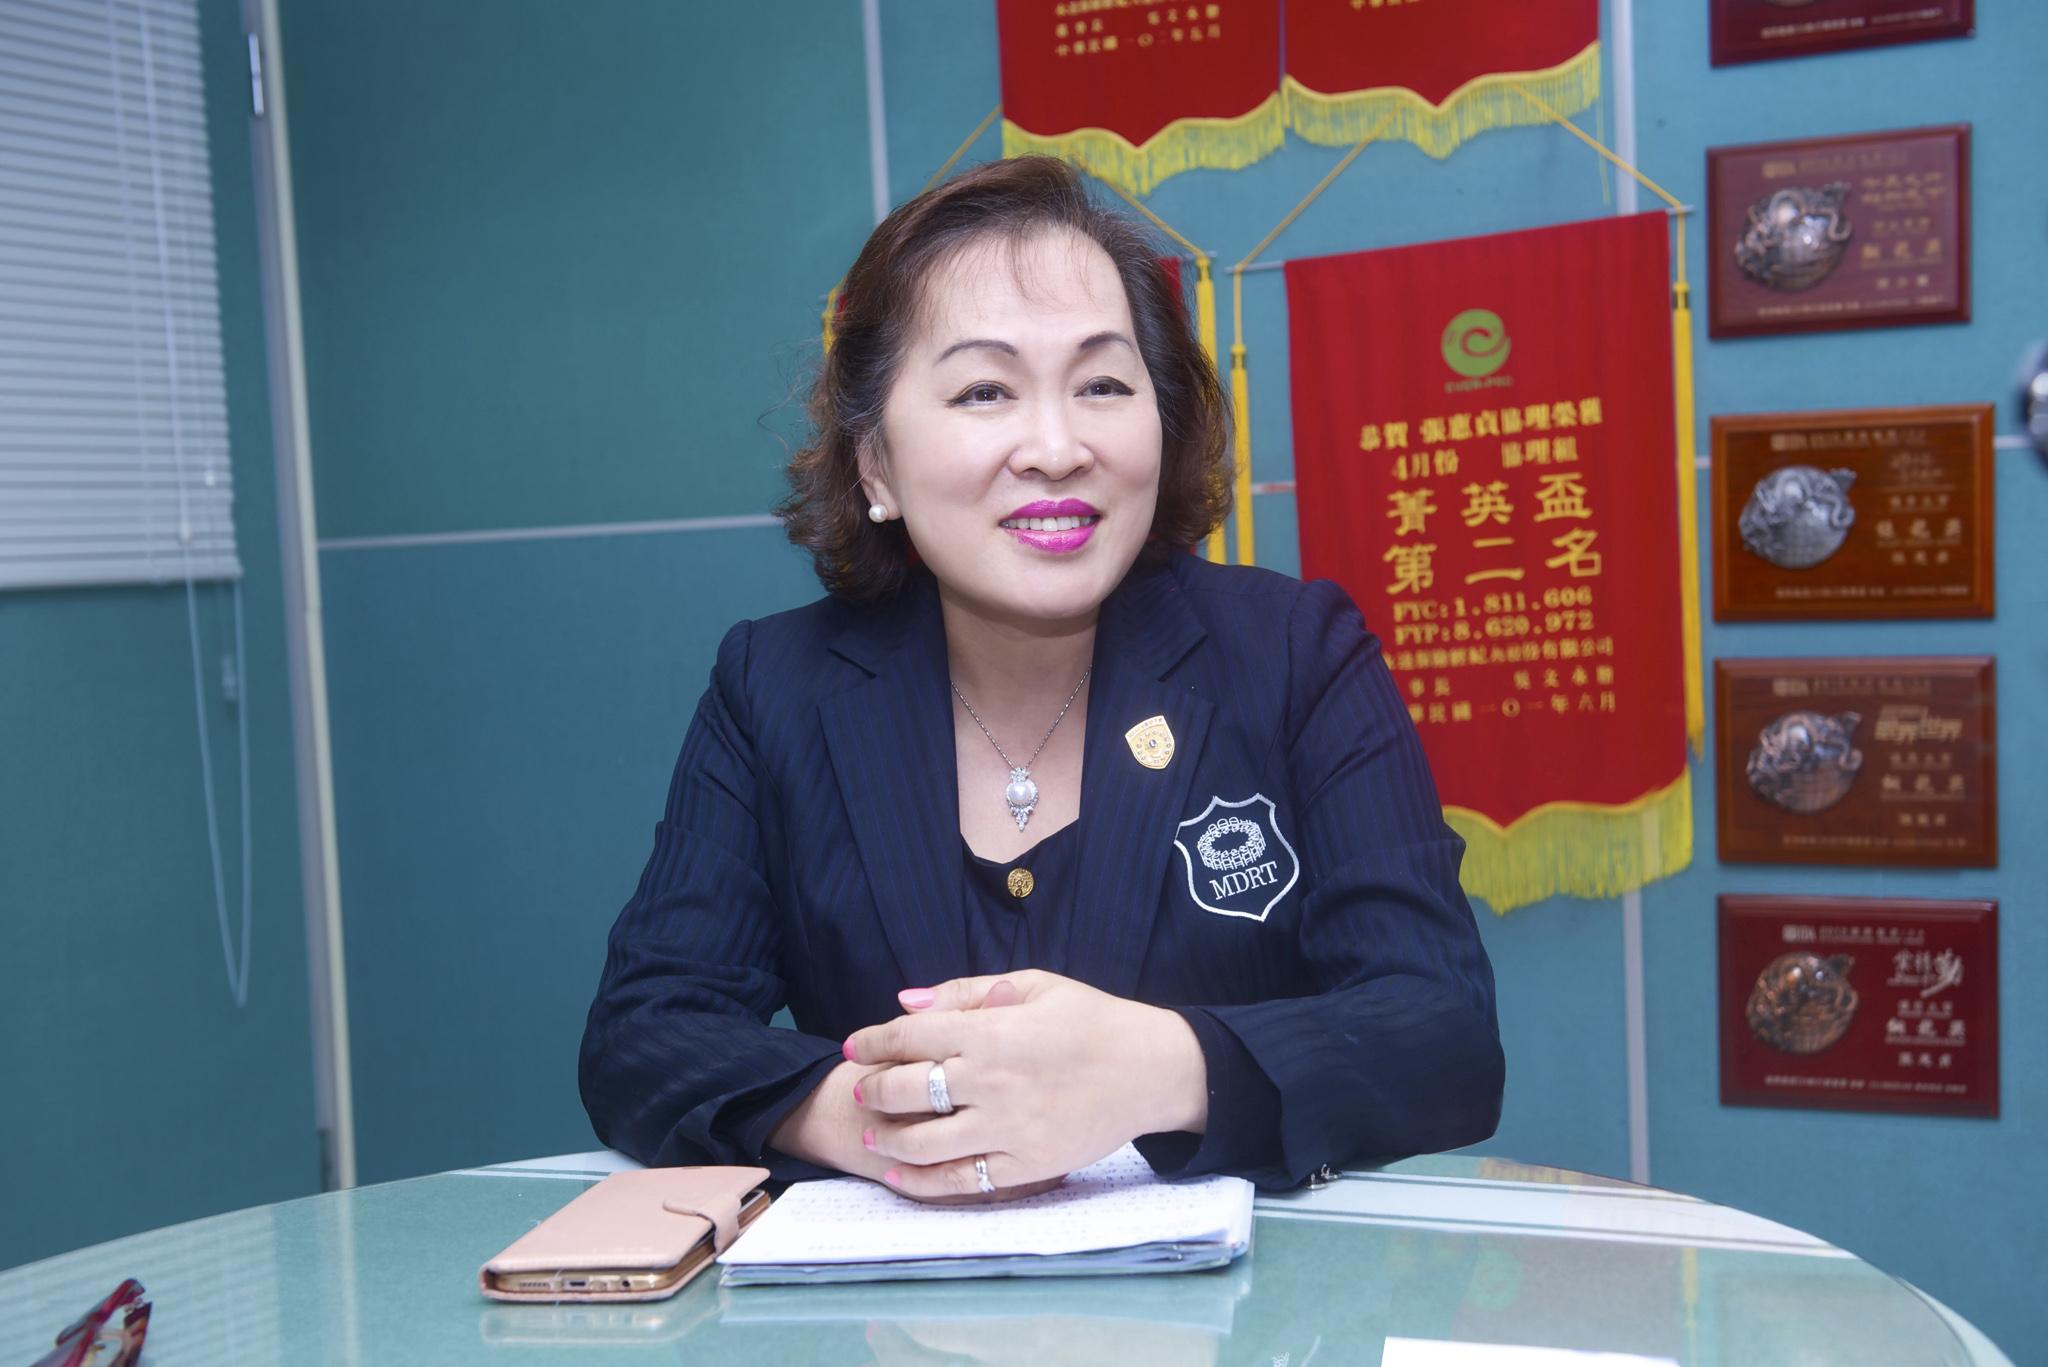 陳美燕業務區經理。